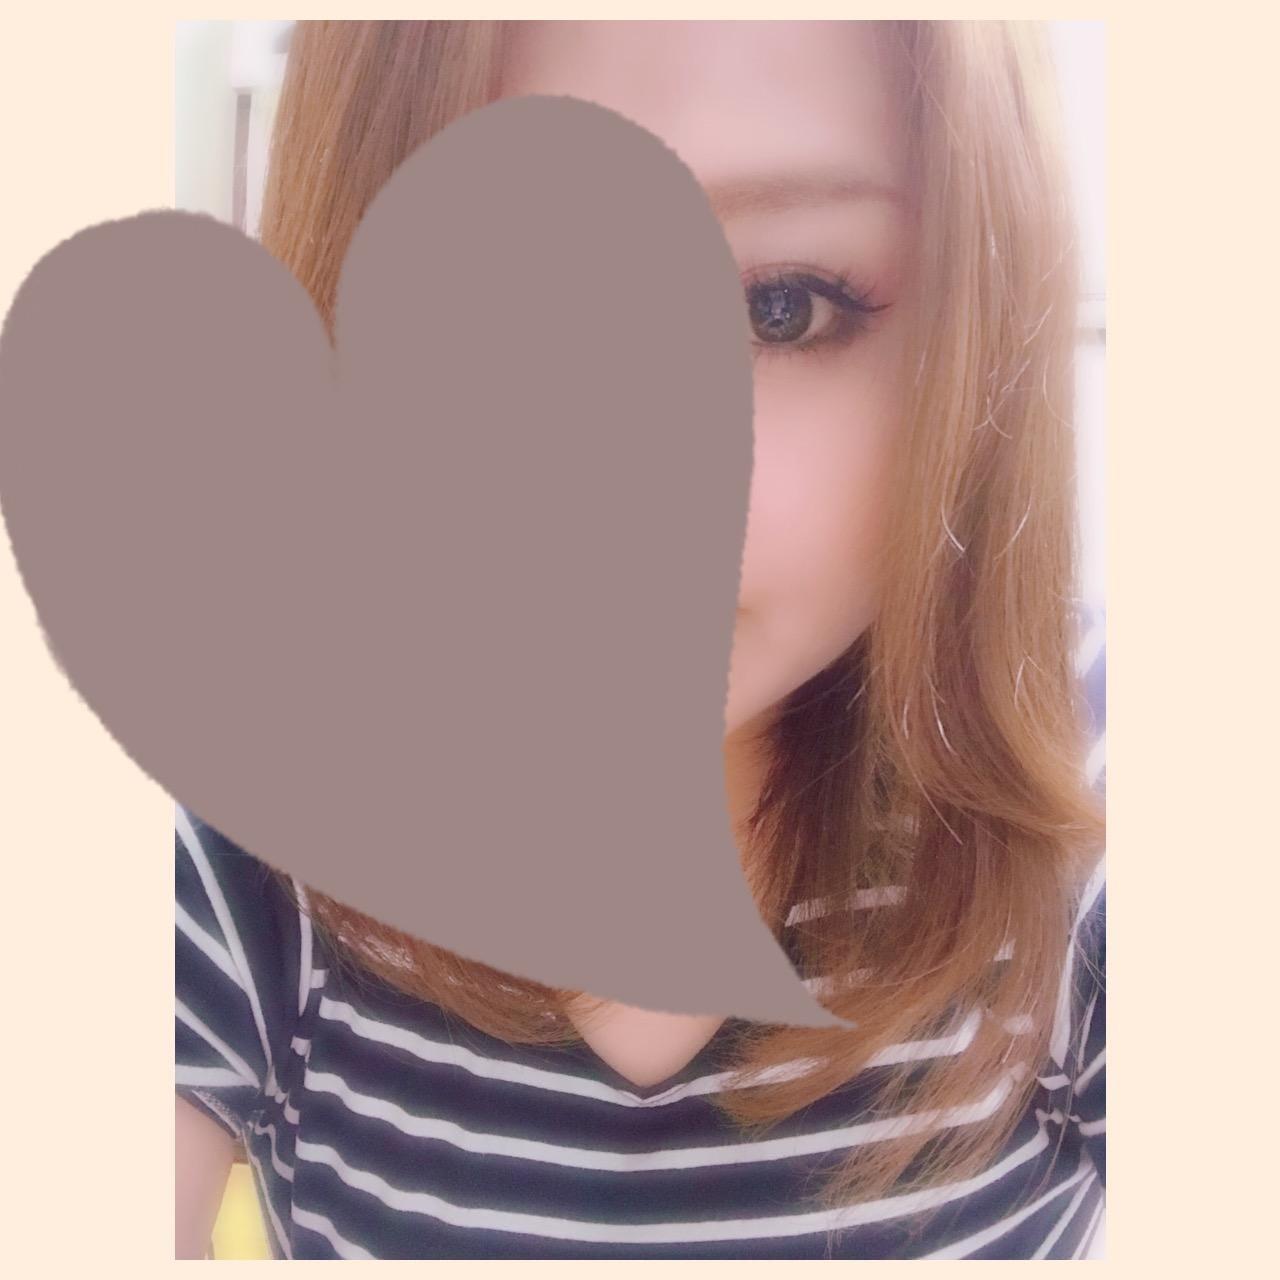 「こんにちわ」07/30(07/30) 15:45   れいの写メ・風俗動画